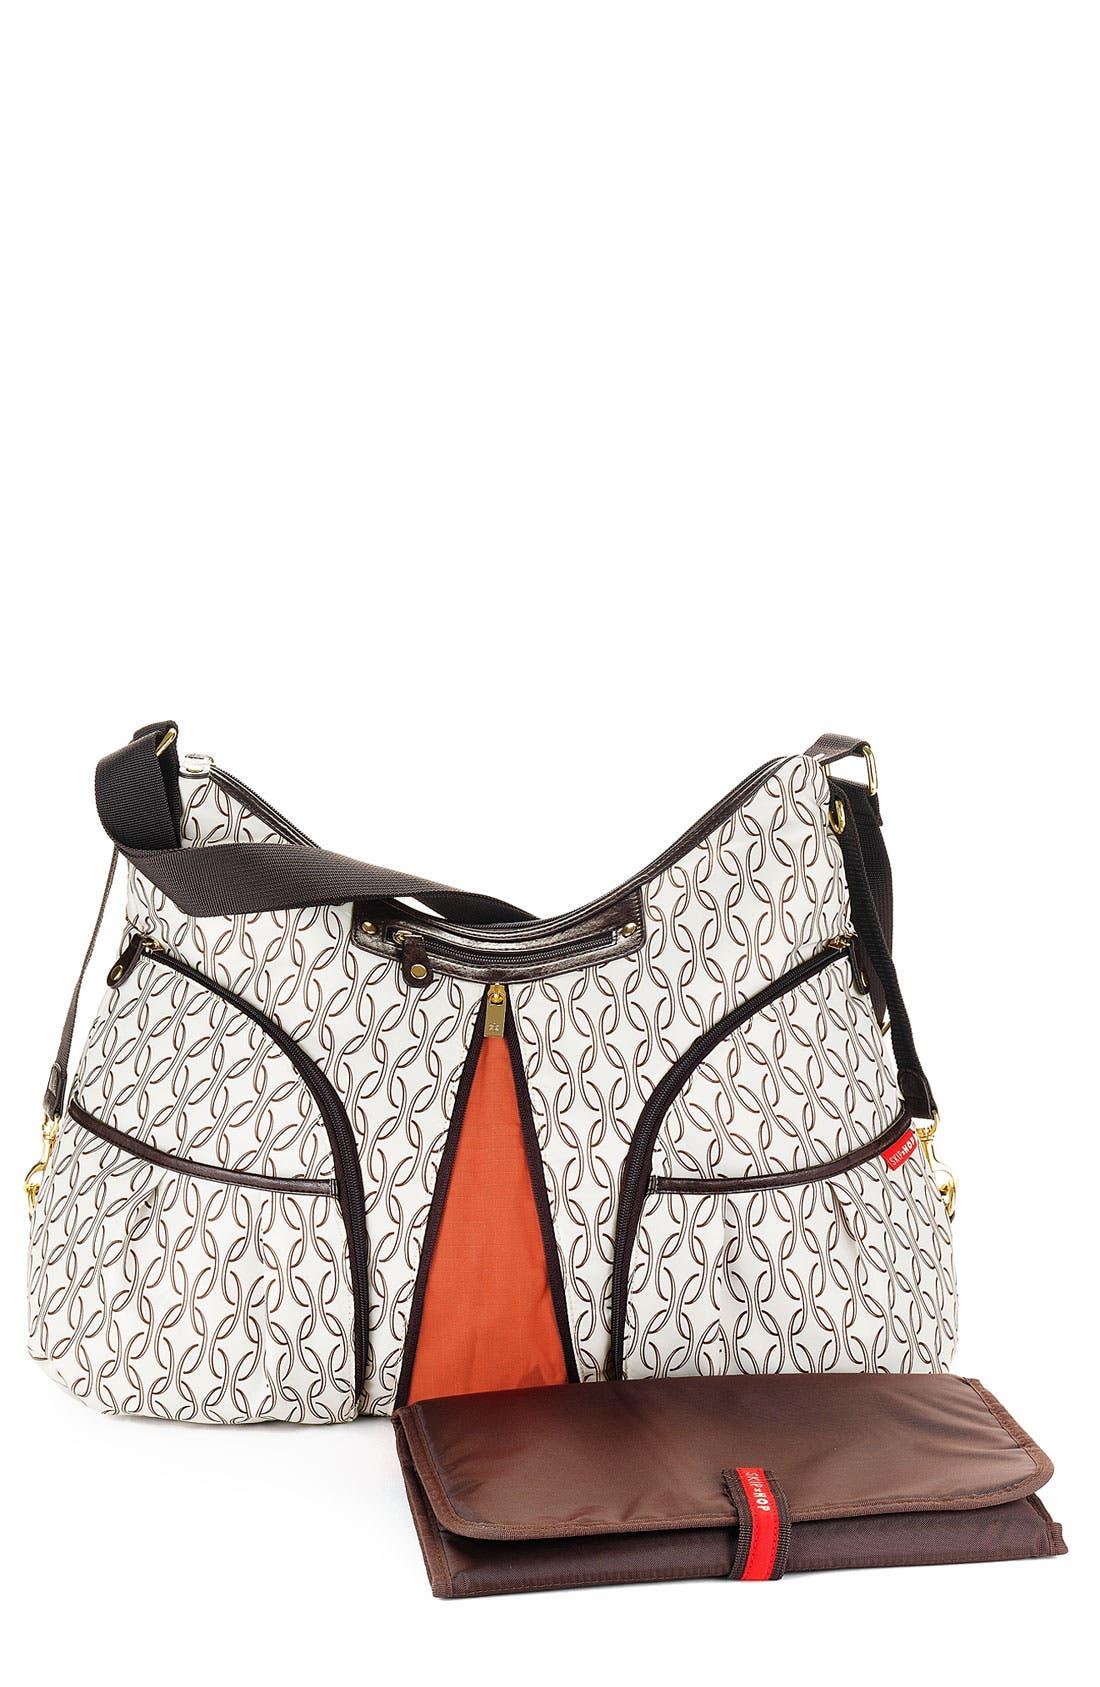 Main Image - Skip Hop 'Versa' Diaper Bag